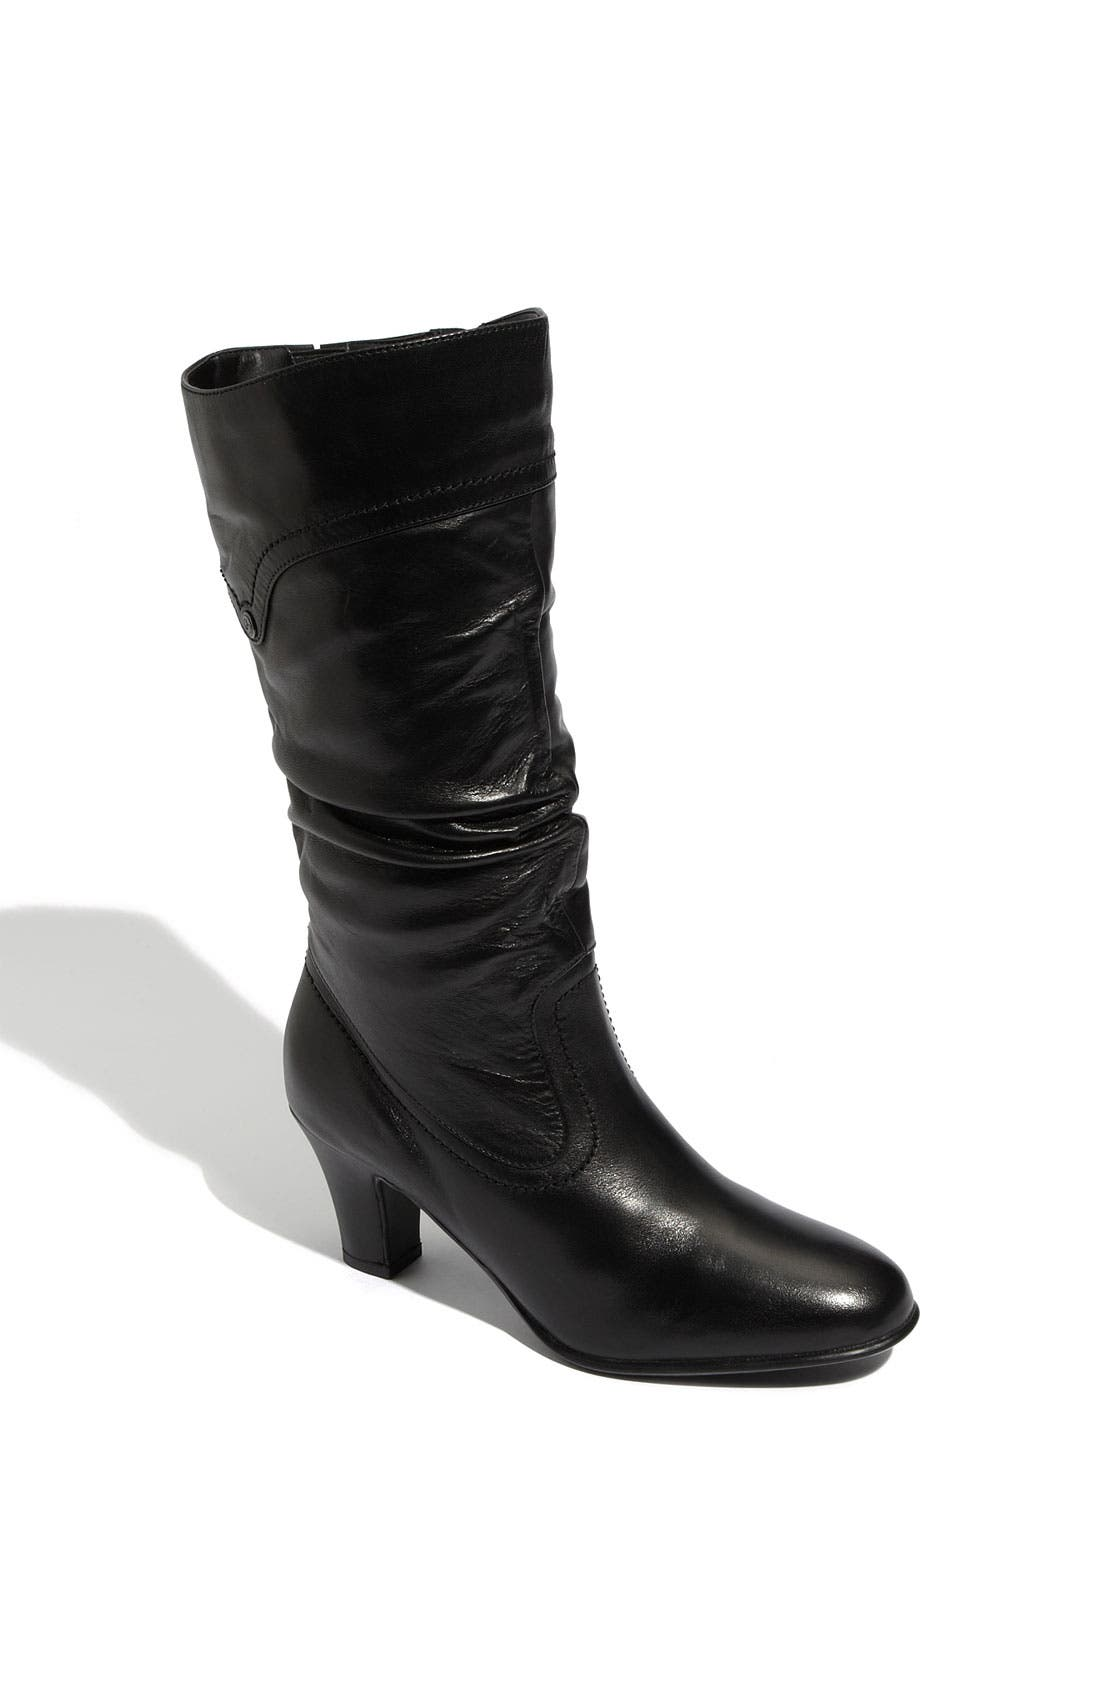 Alternate Image 1 Selected - Blondo 'Valeska' Waterproof Boot